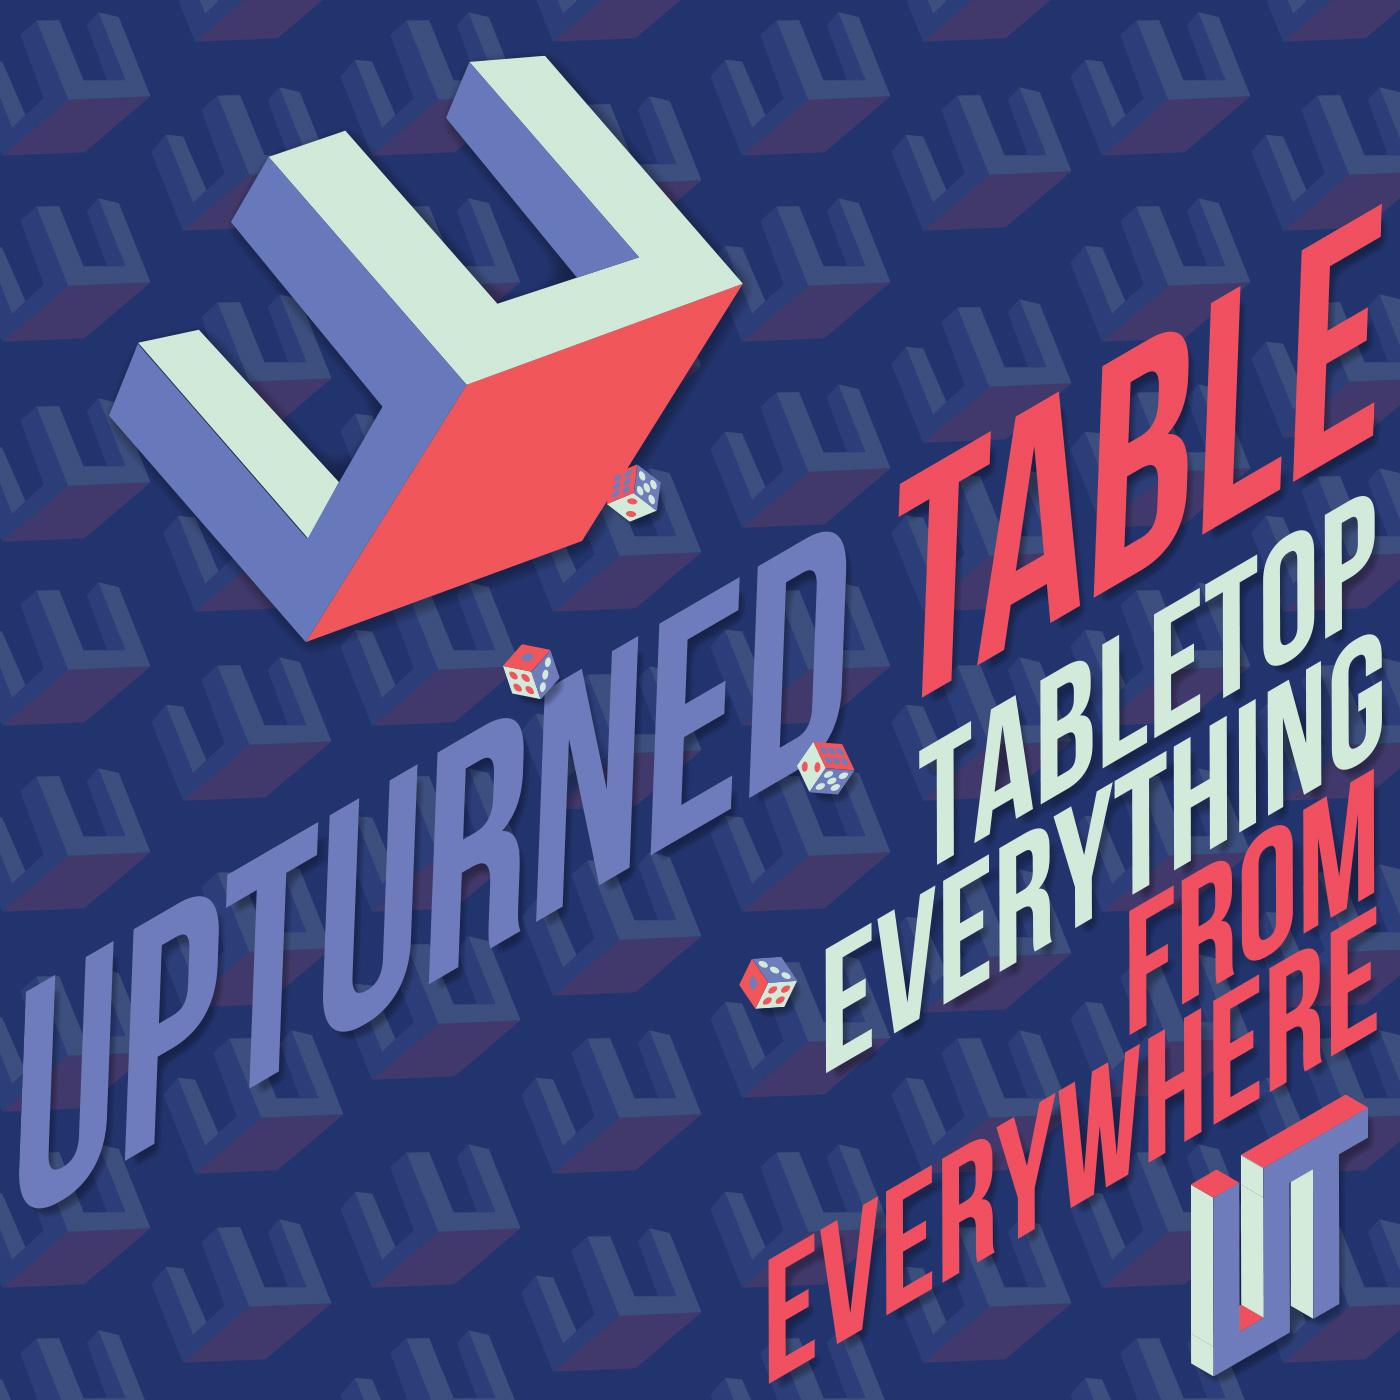 Upturned Table